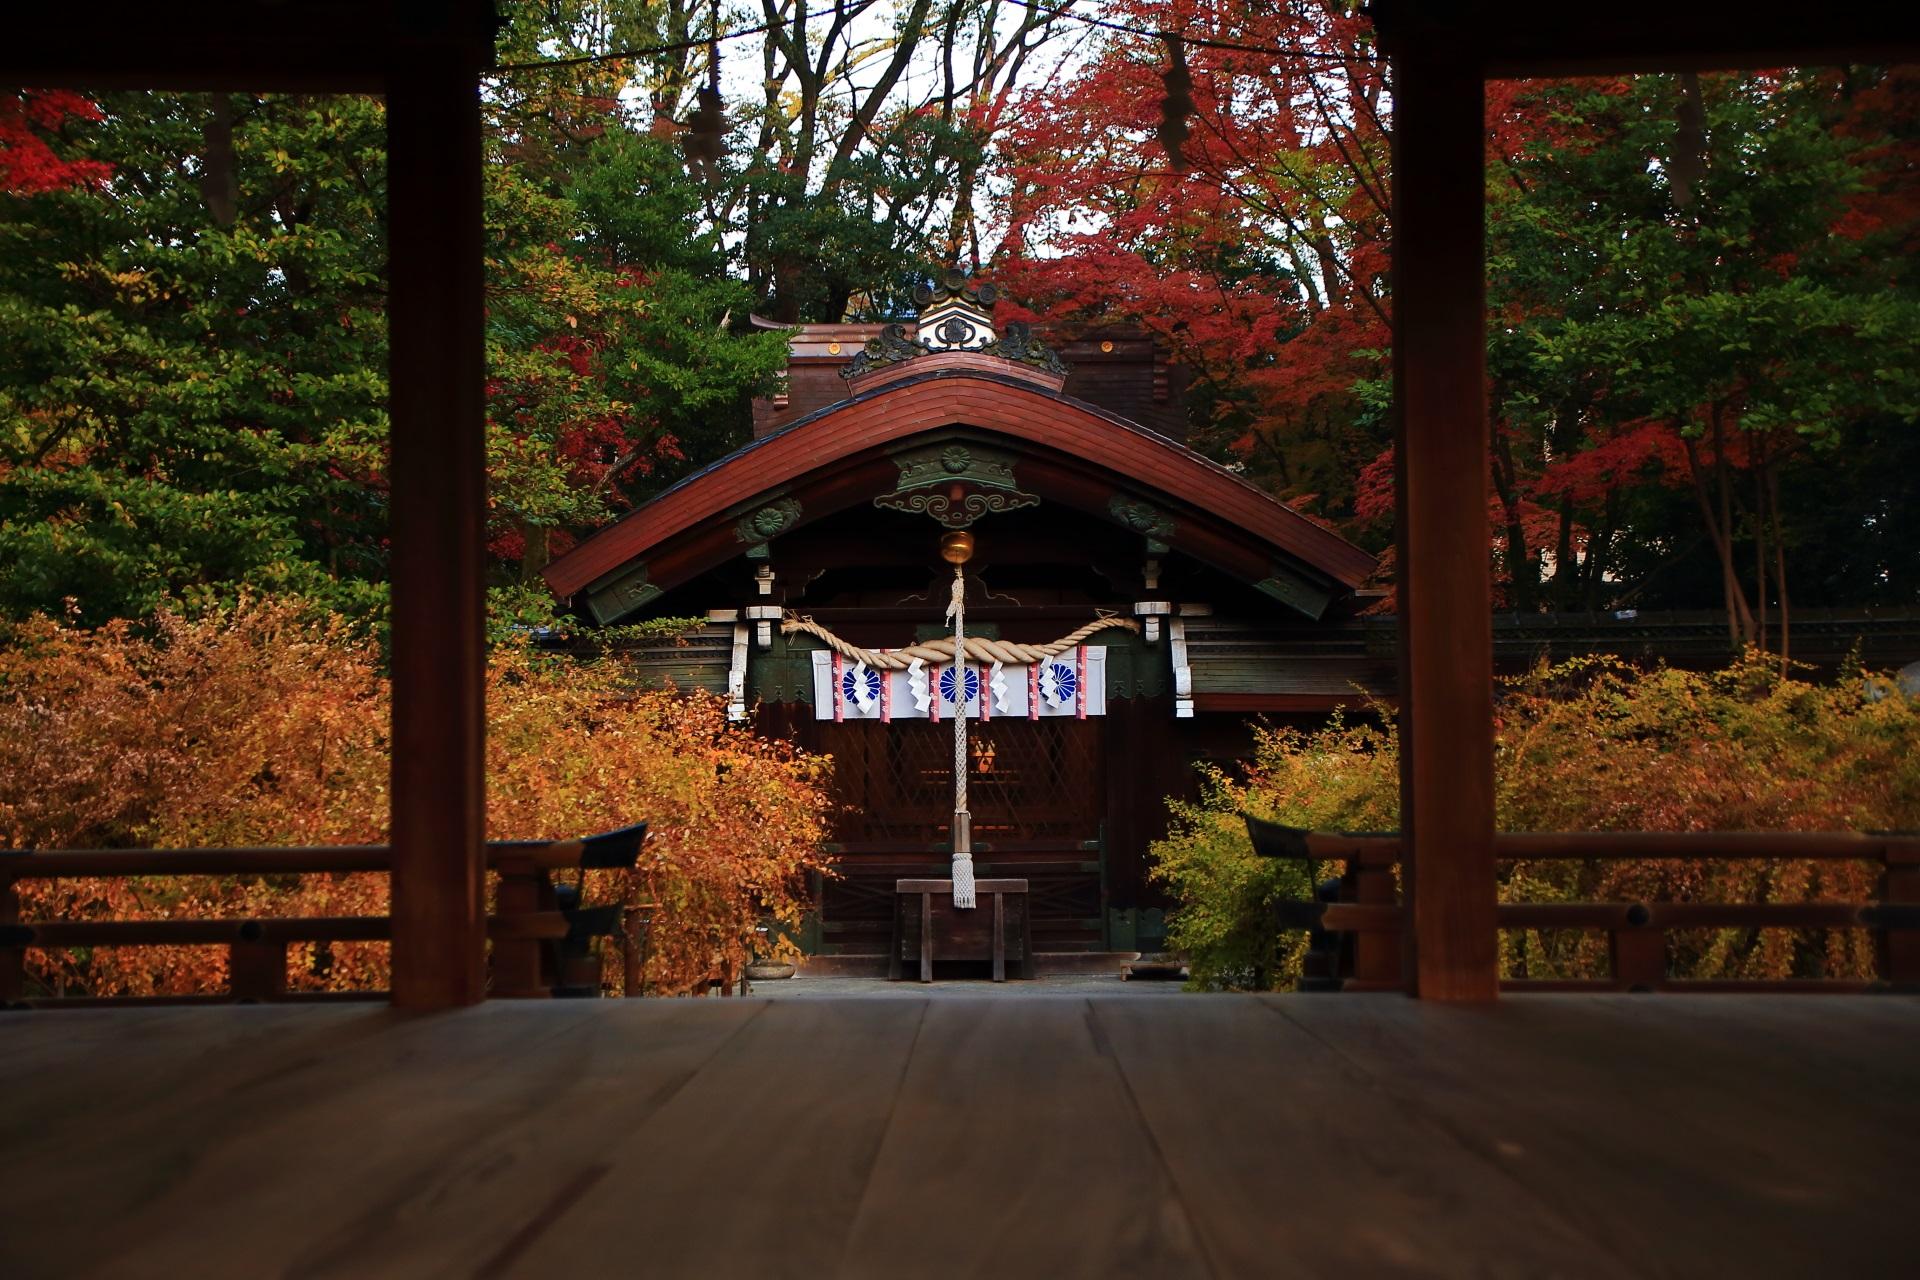 梨木神社の拝殿から眺めた秋色につつまれた本殿